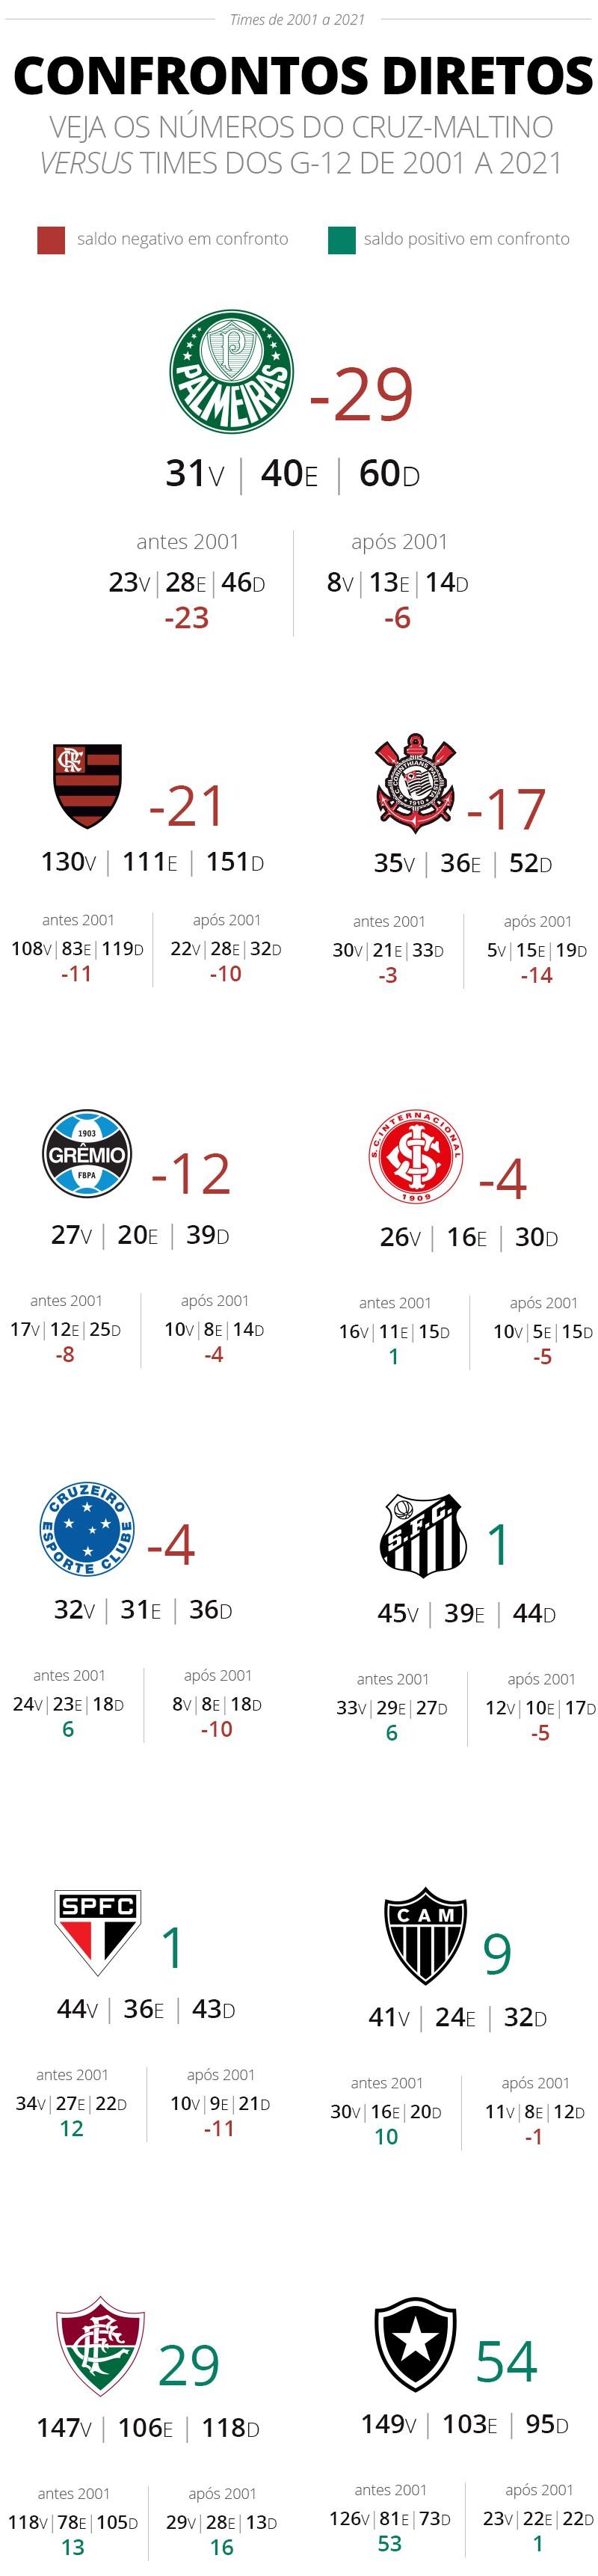 Vasco confrontos diretos - Infografia